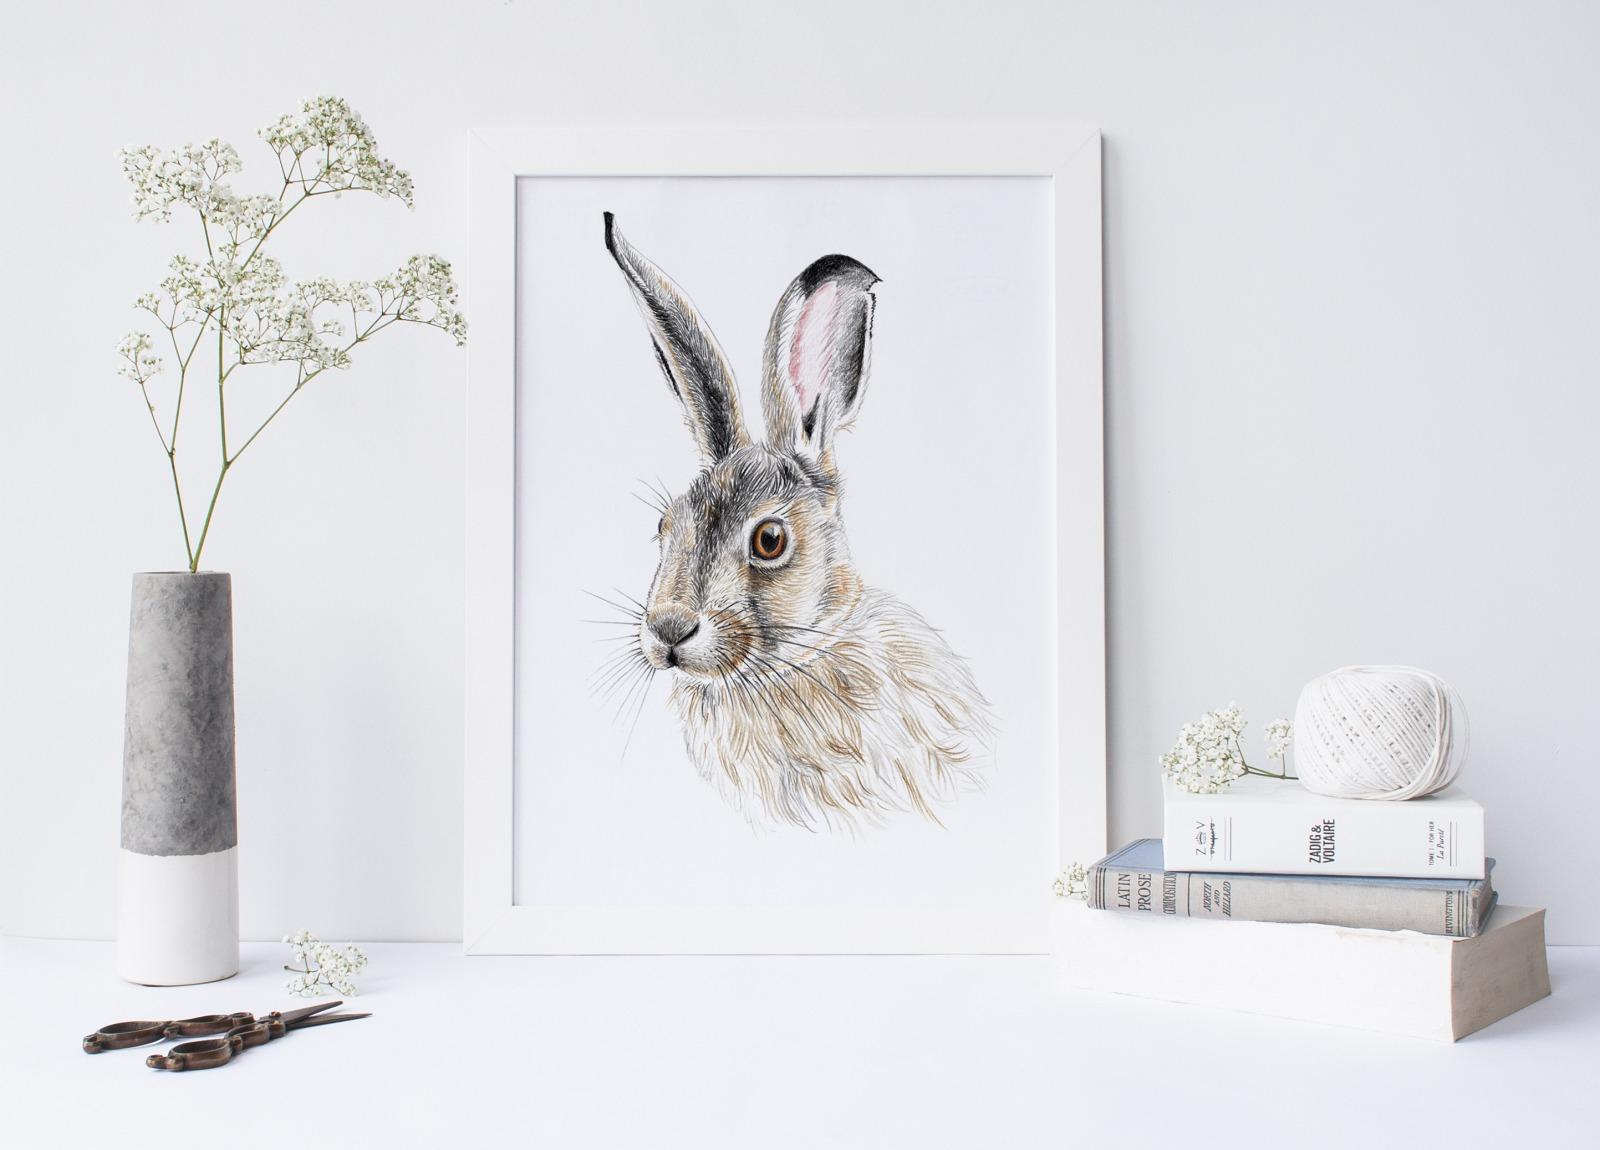 Zeichnung Hase Poster Kunstdruck A4 4